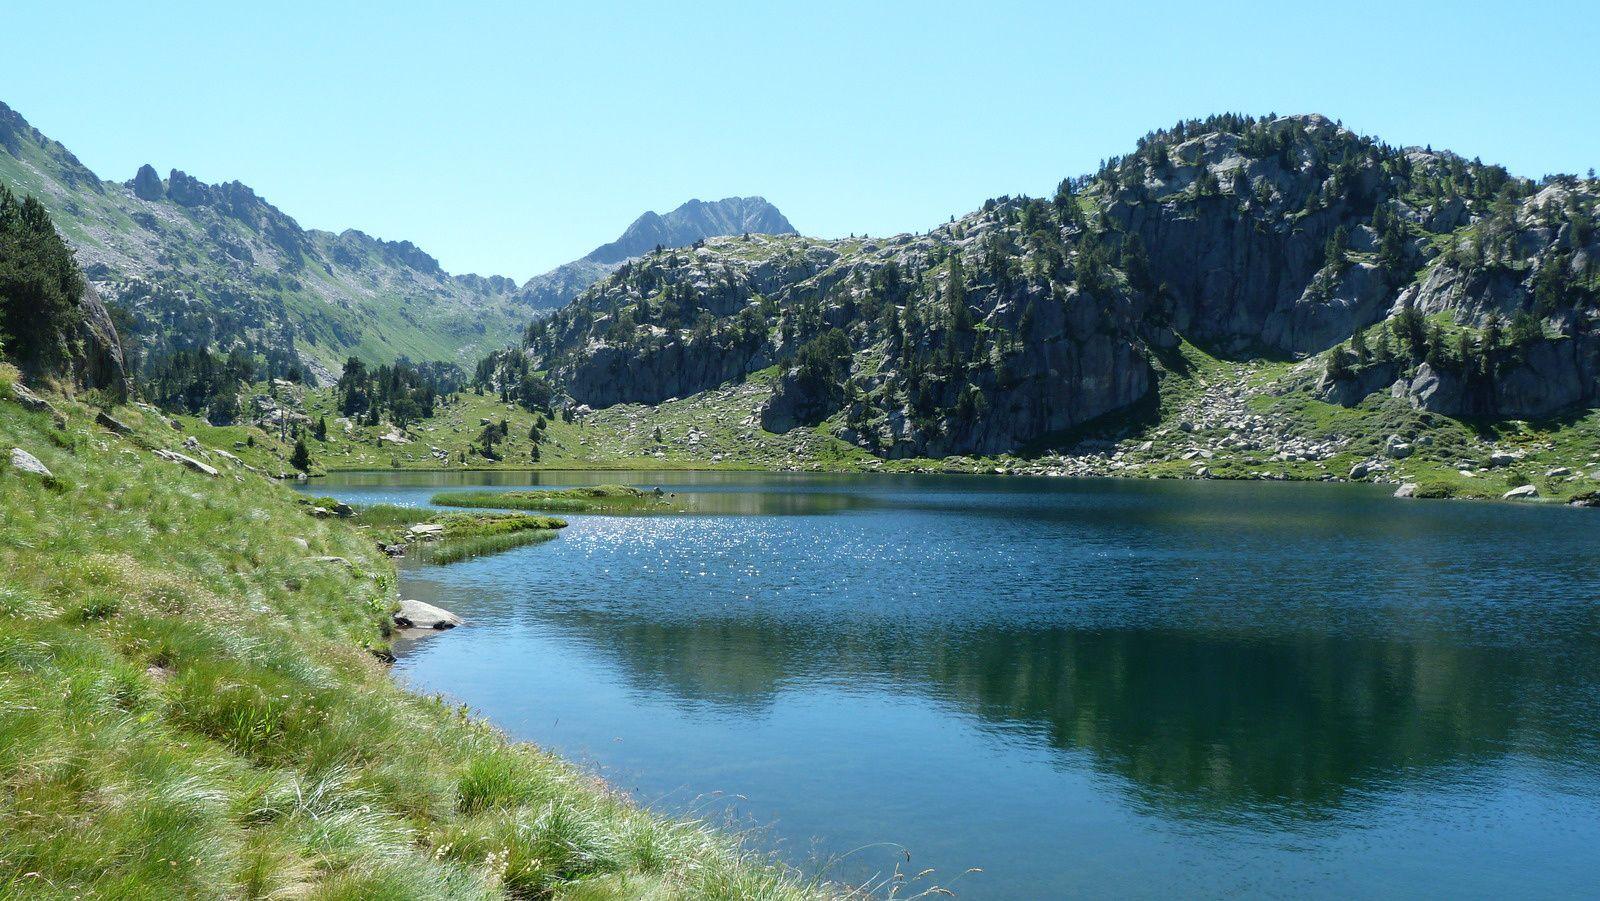 Le tour des lacs de Colomers